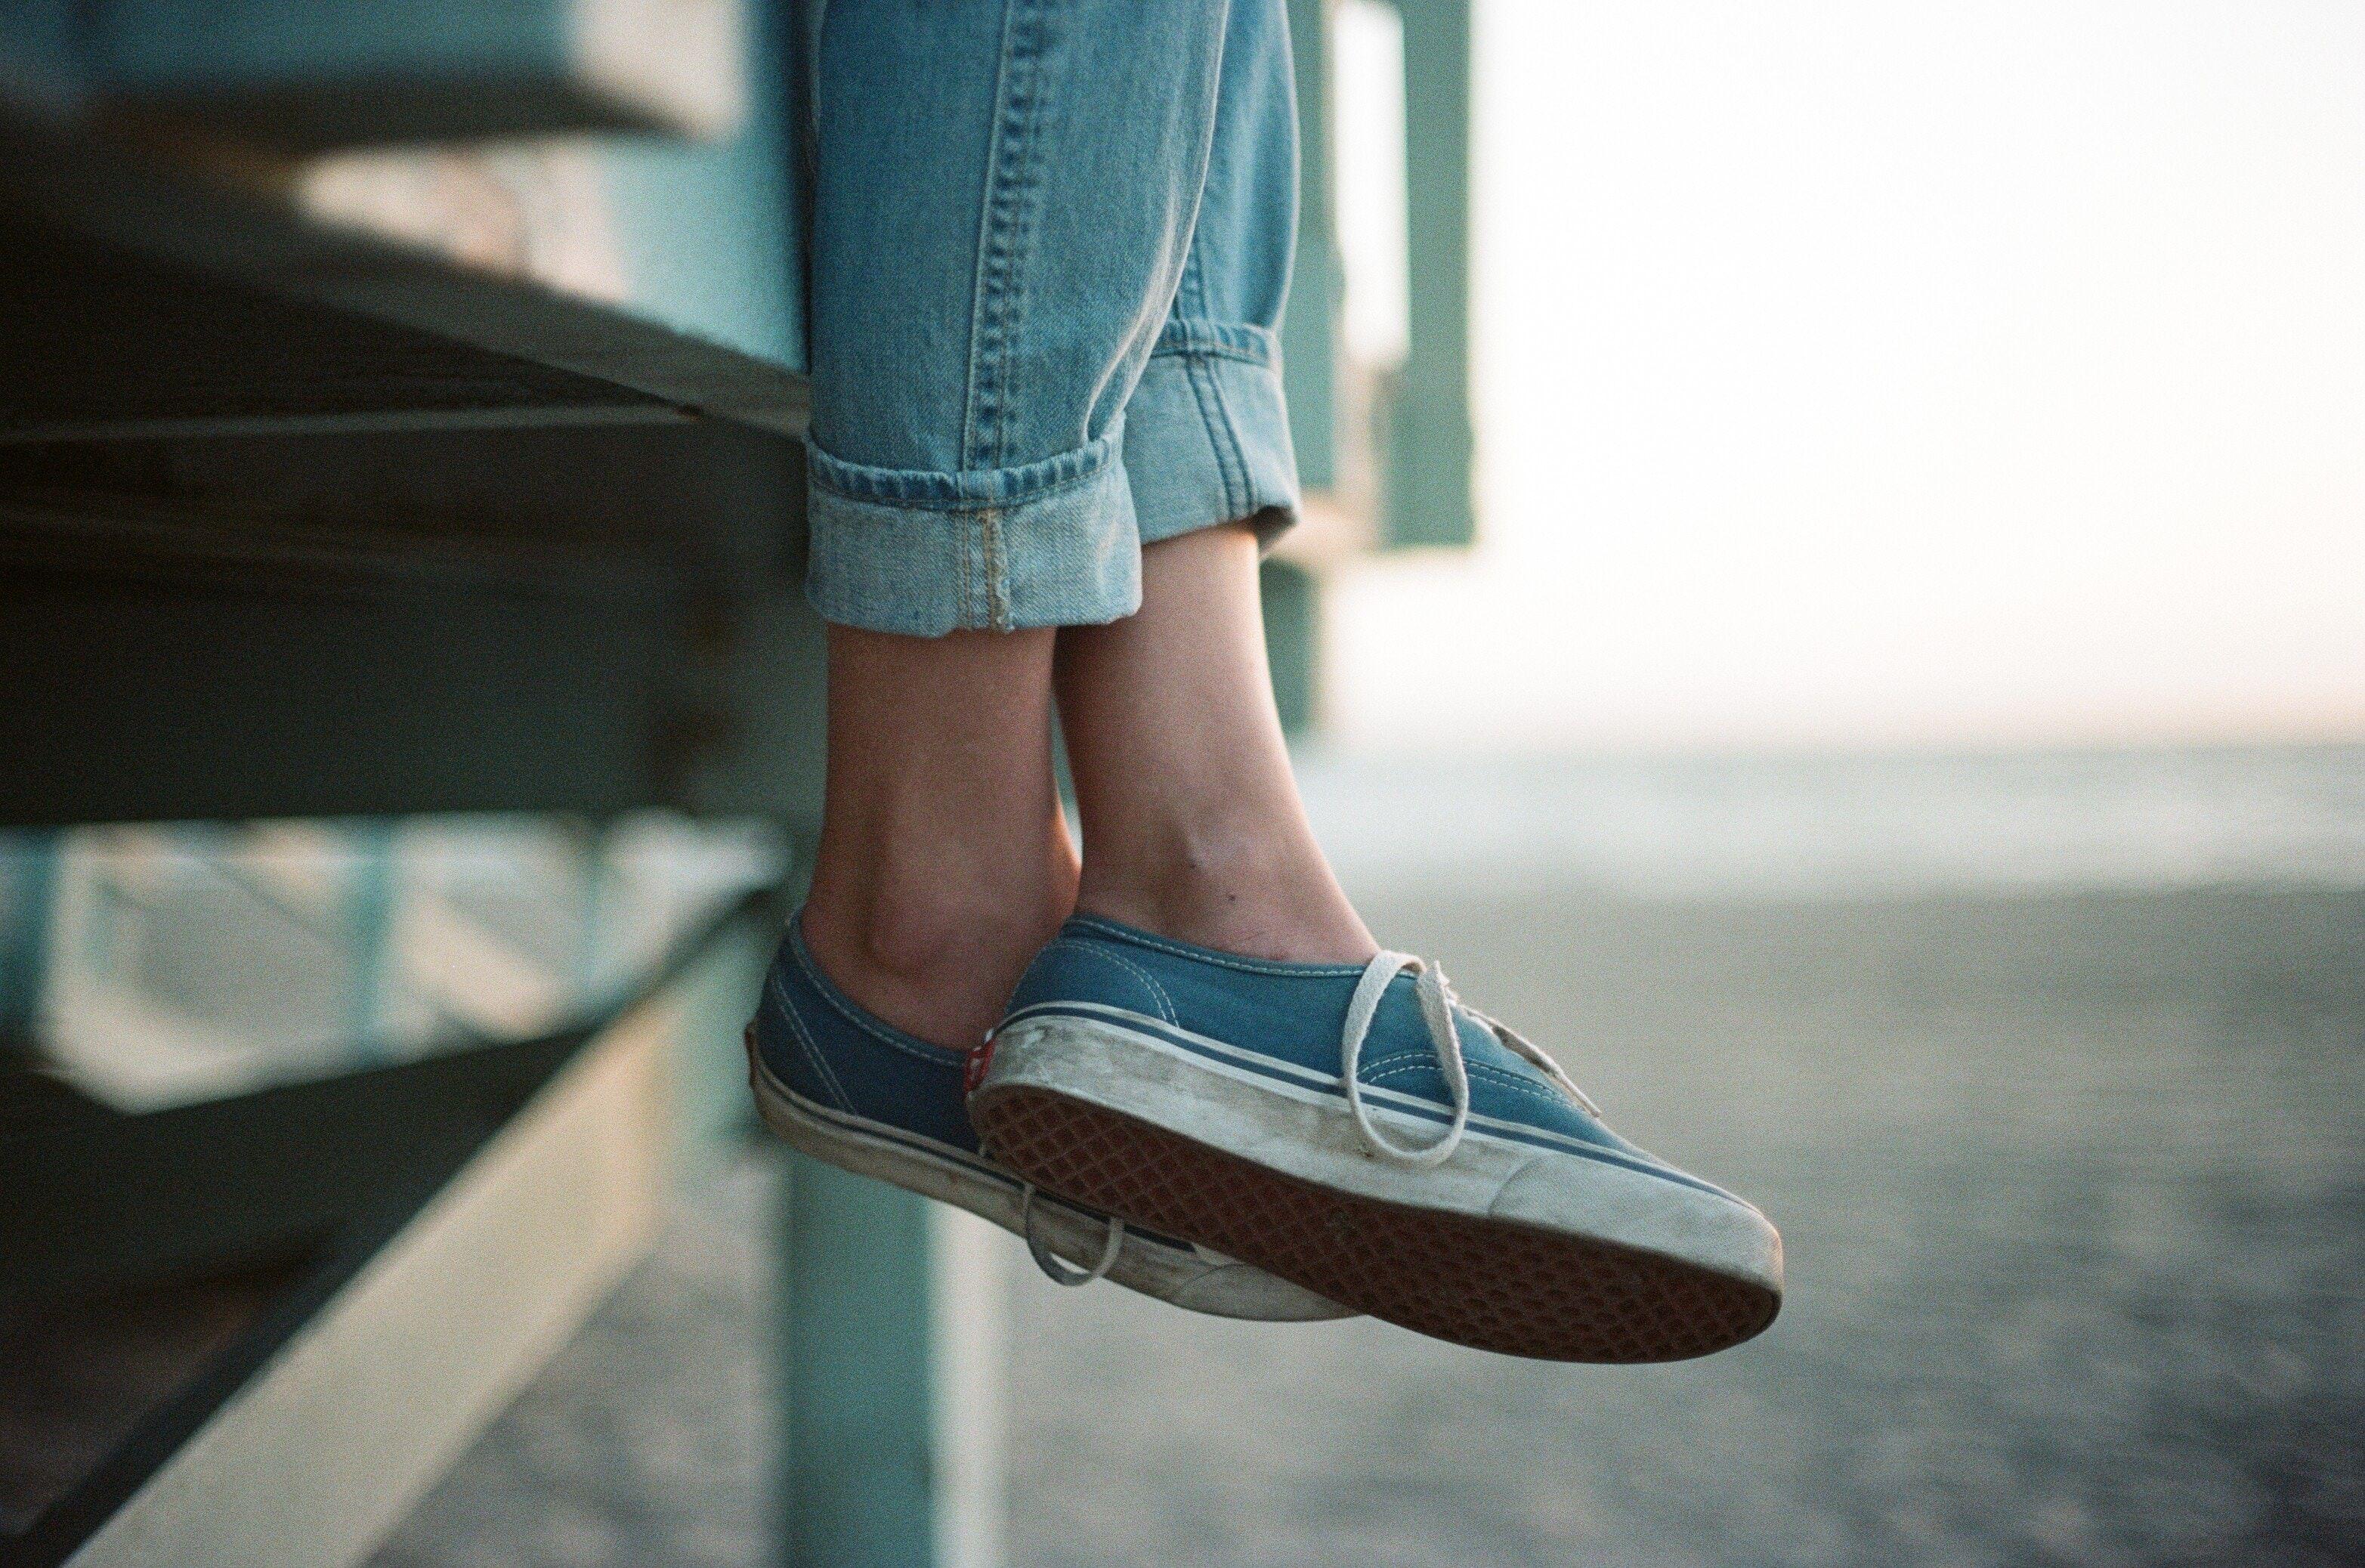 Ufficio Fai Da Te Jeans : Jeans estate 2018: dagli skinny a un nuovo super modello